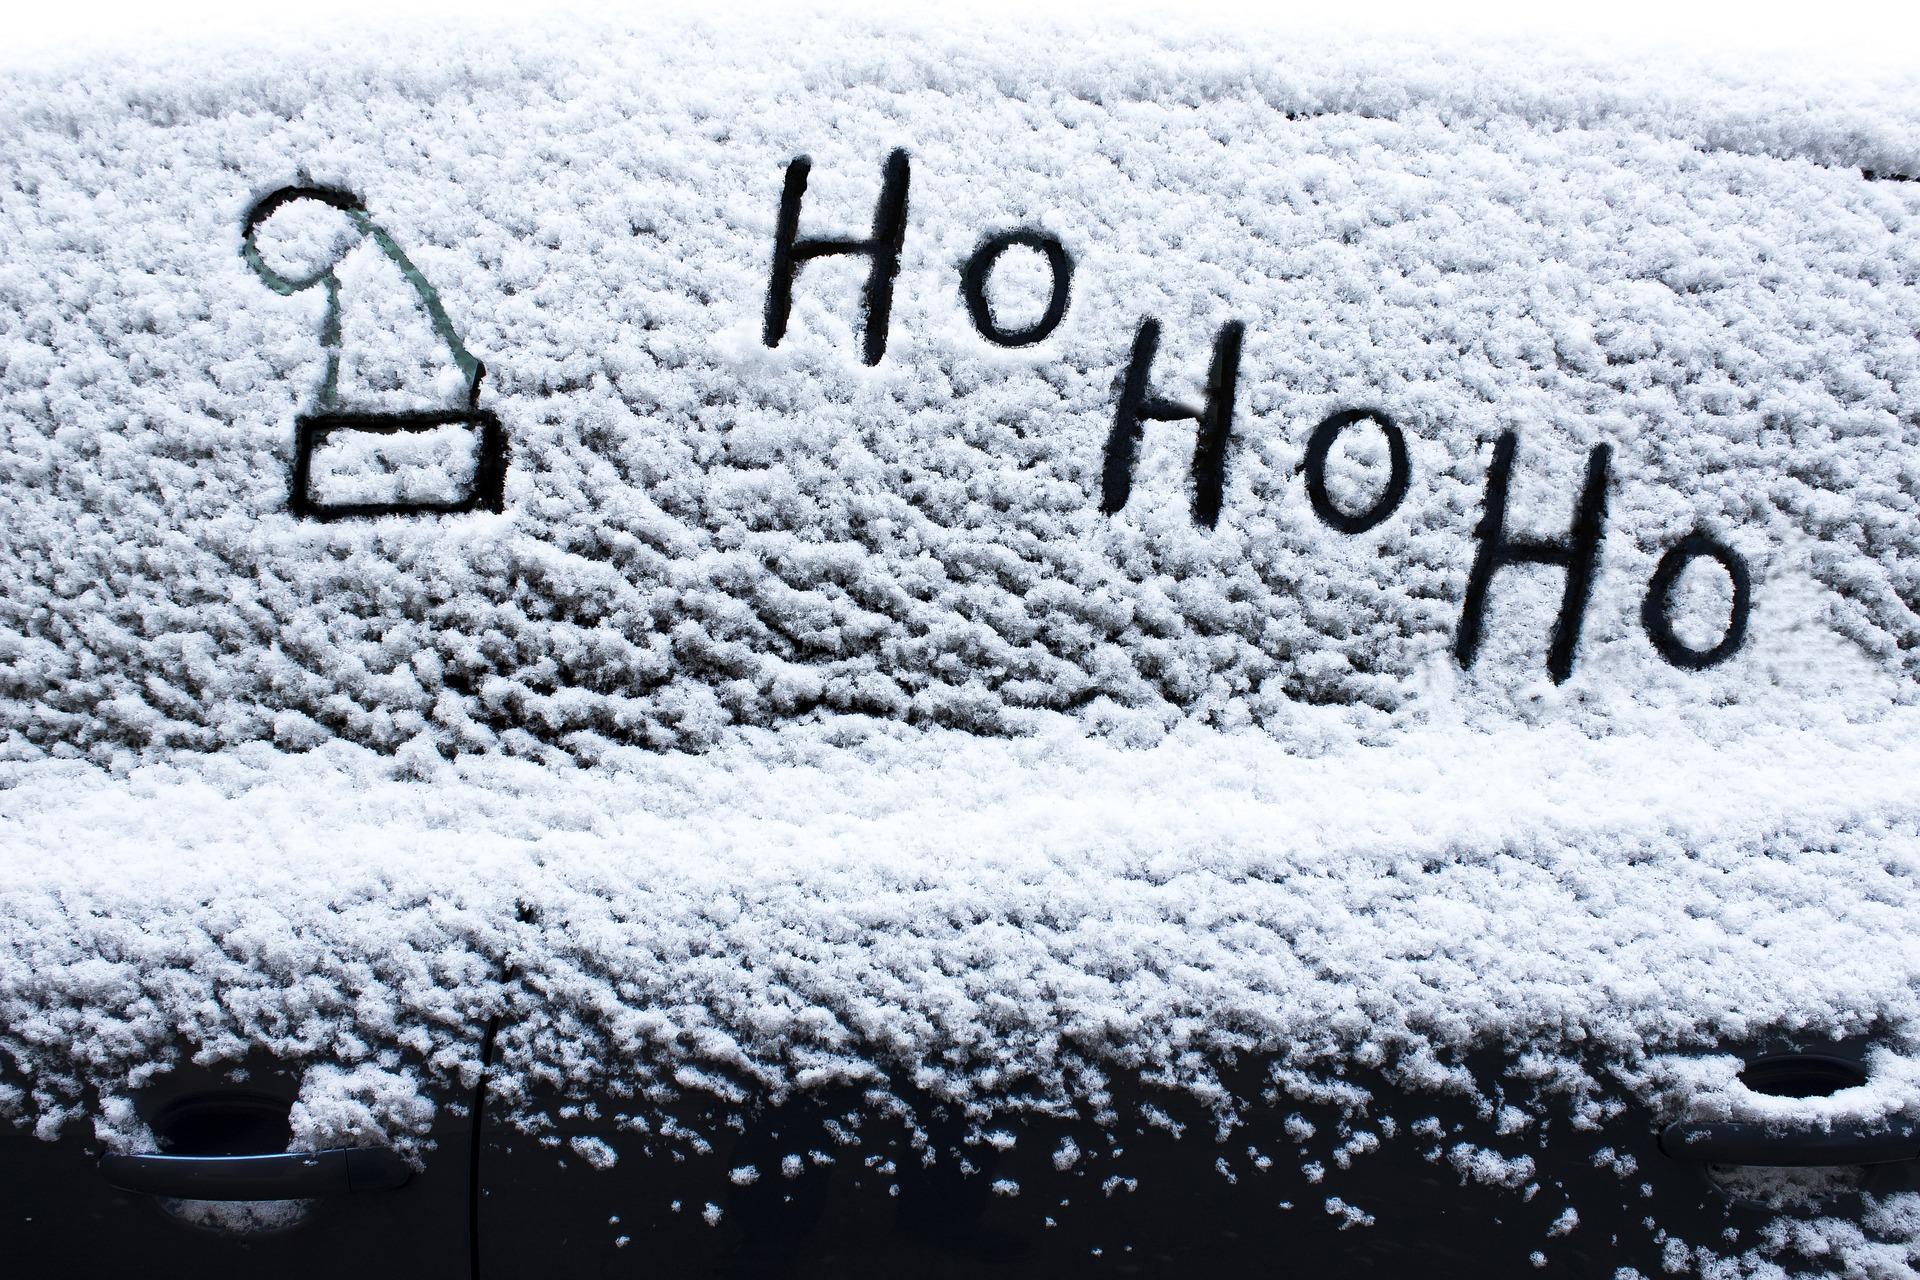 śnieg na szybkie auta